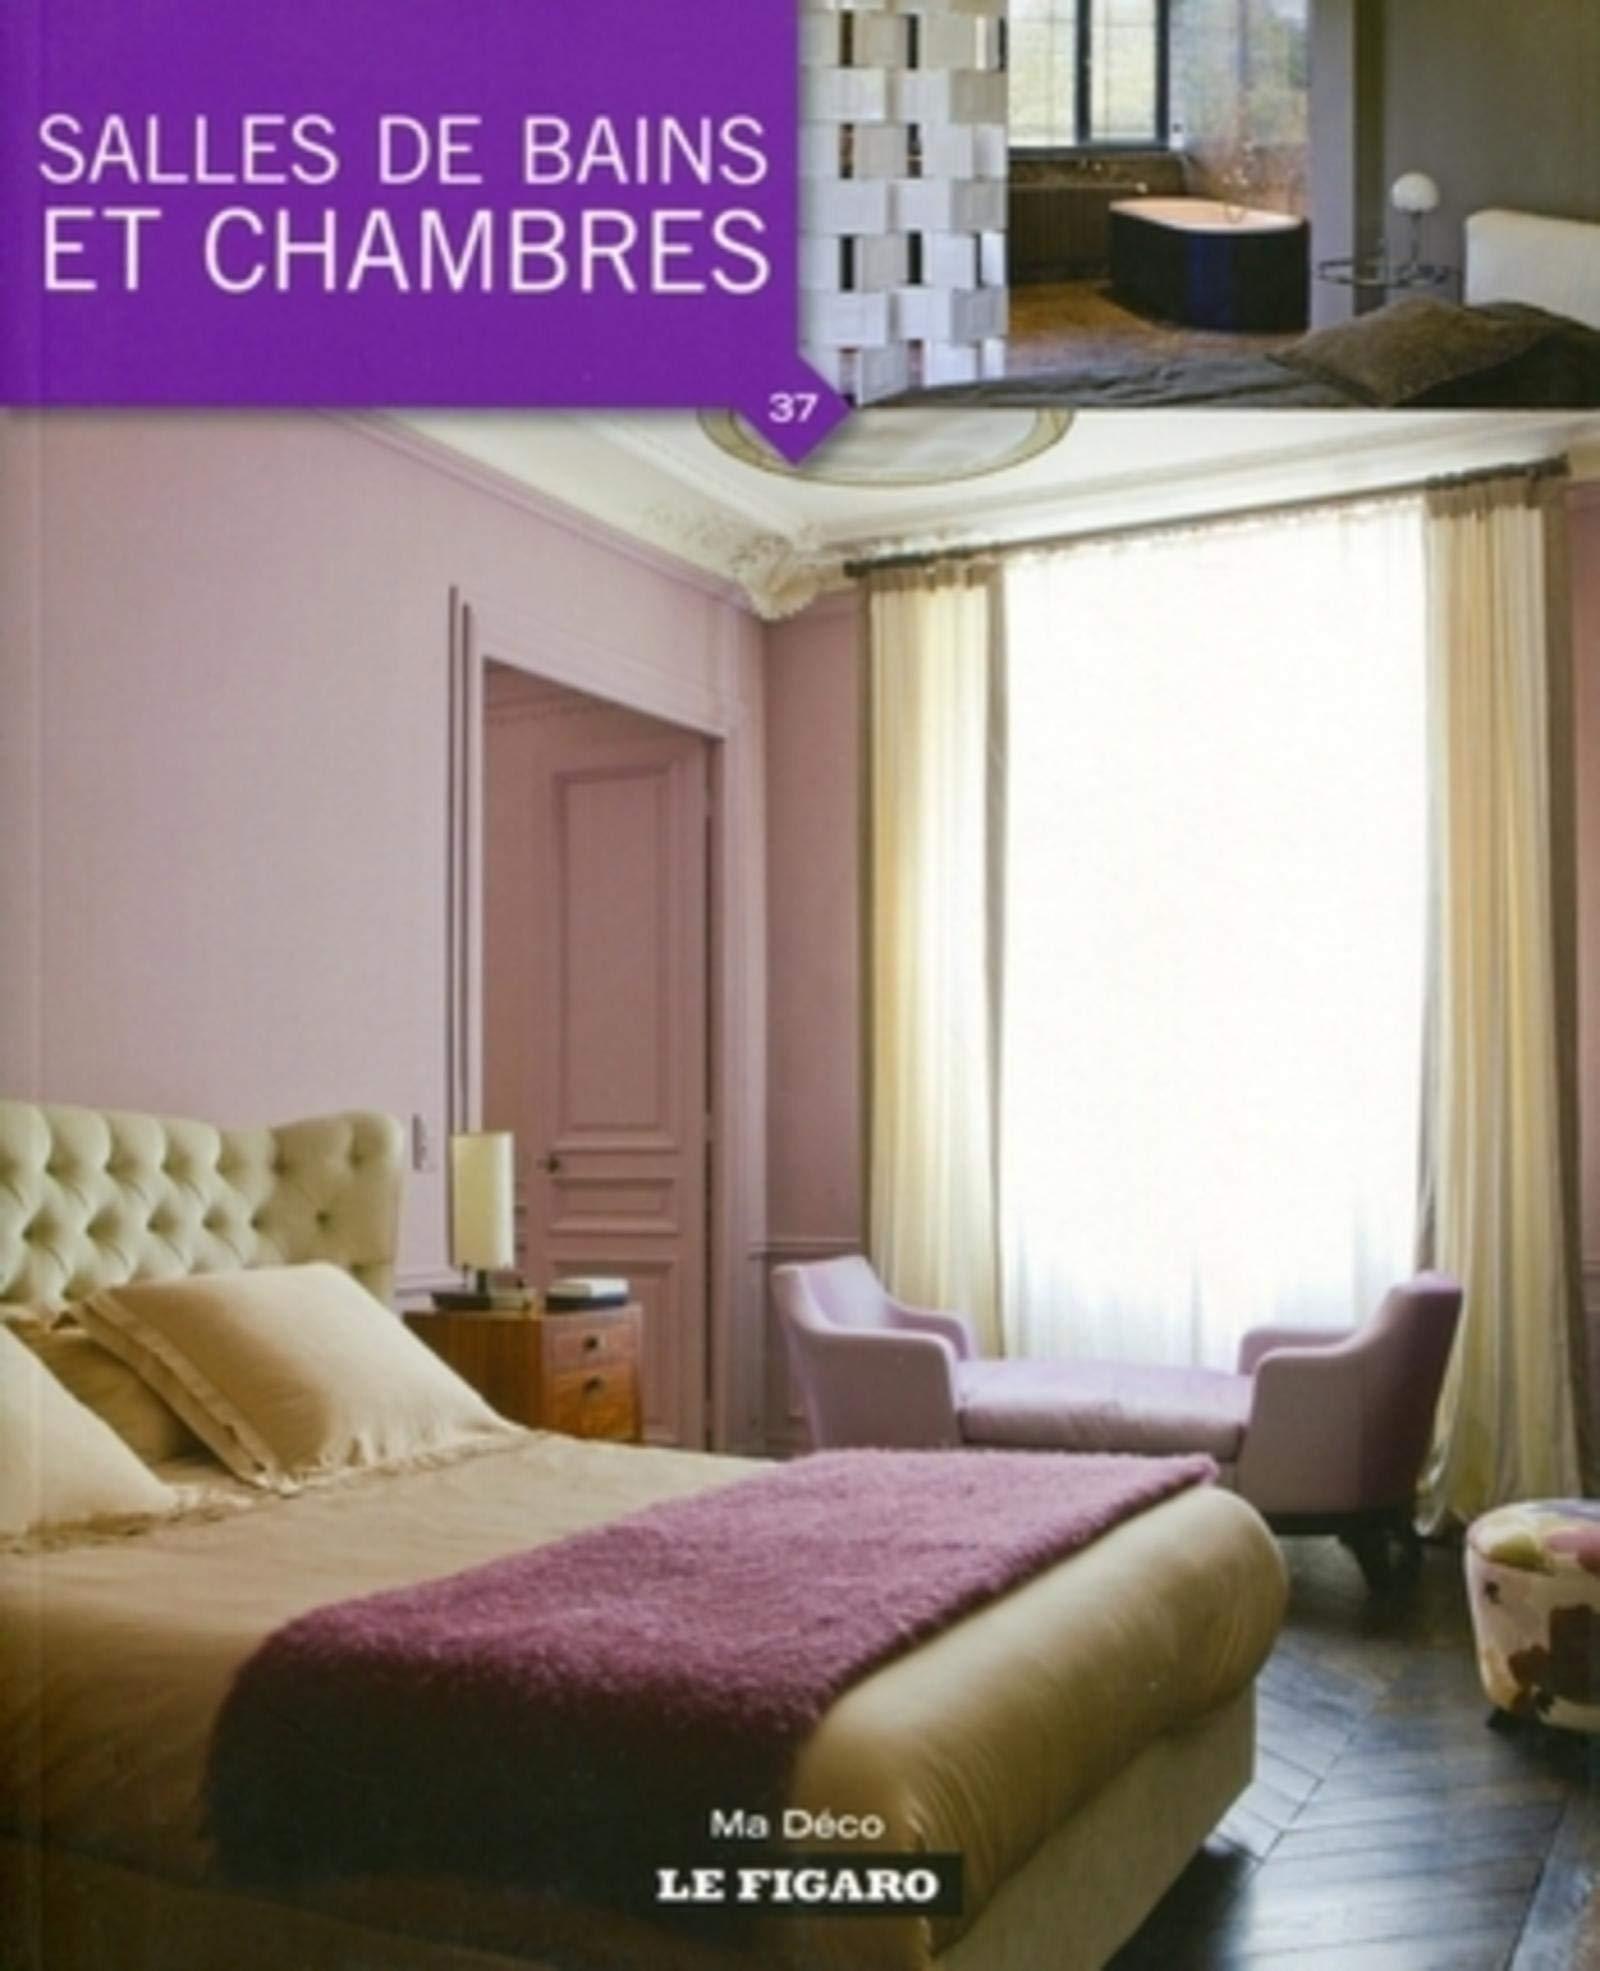 Salles de bains et chambres. volume 19 (Ma Déco): Amazon.es